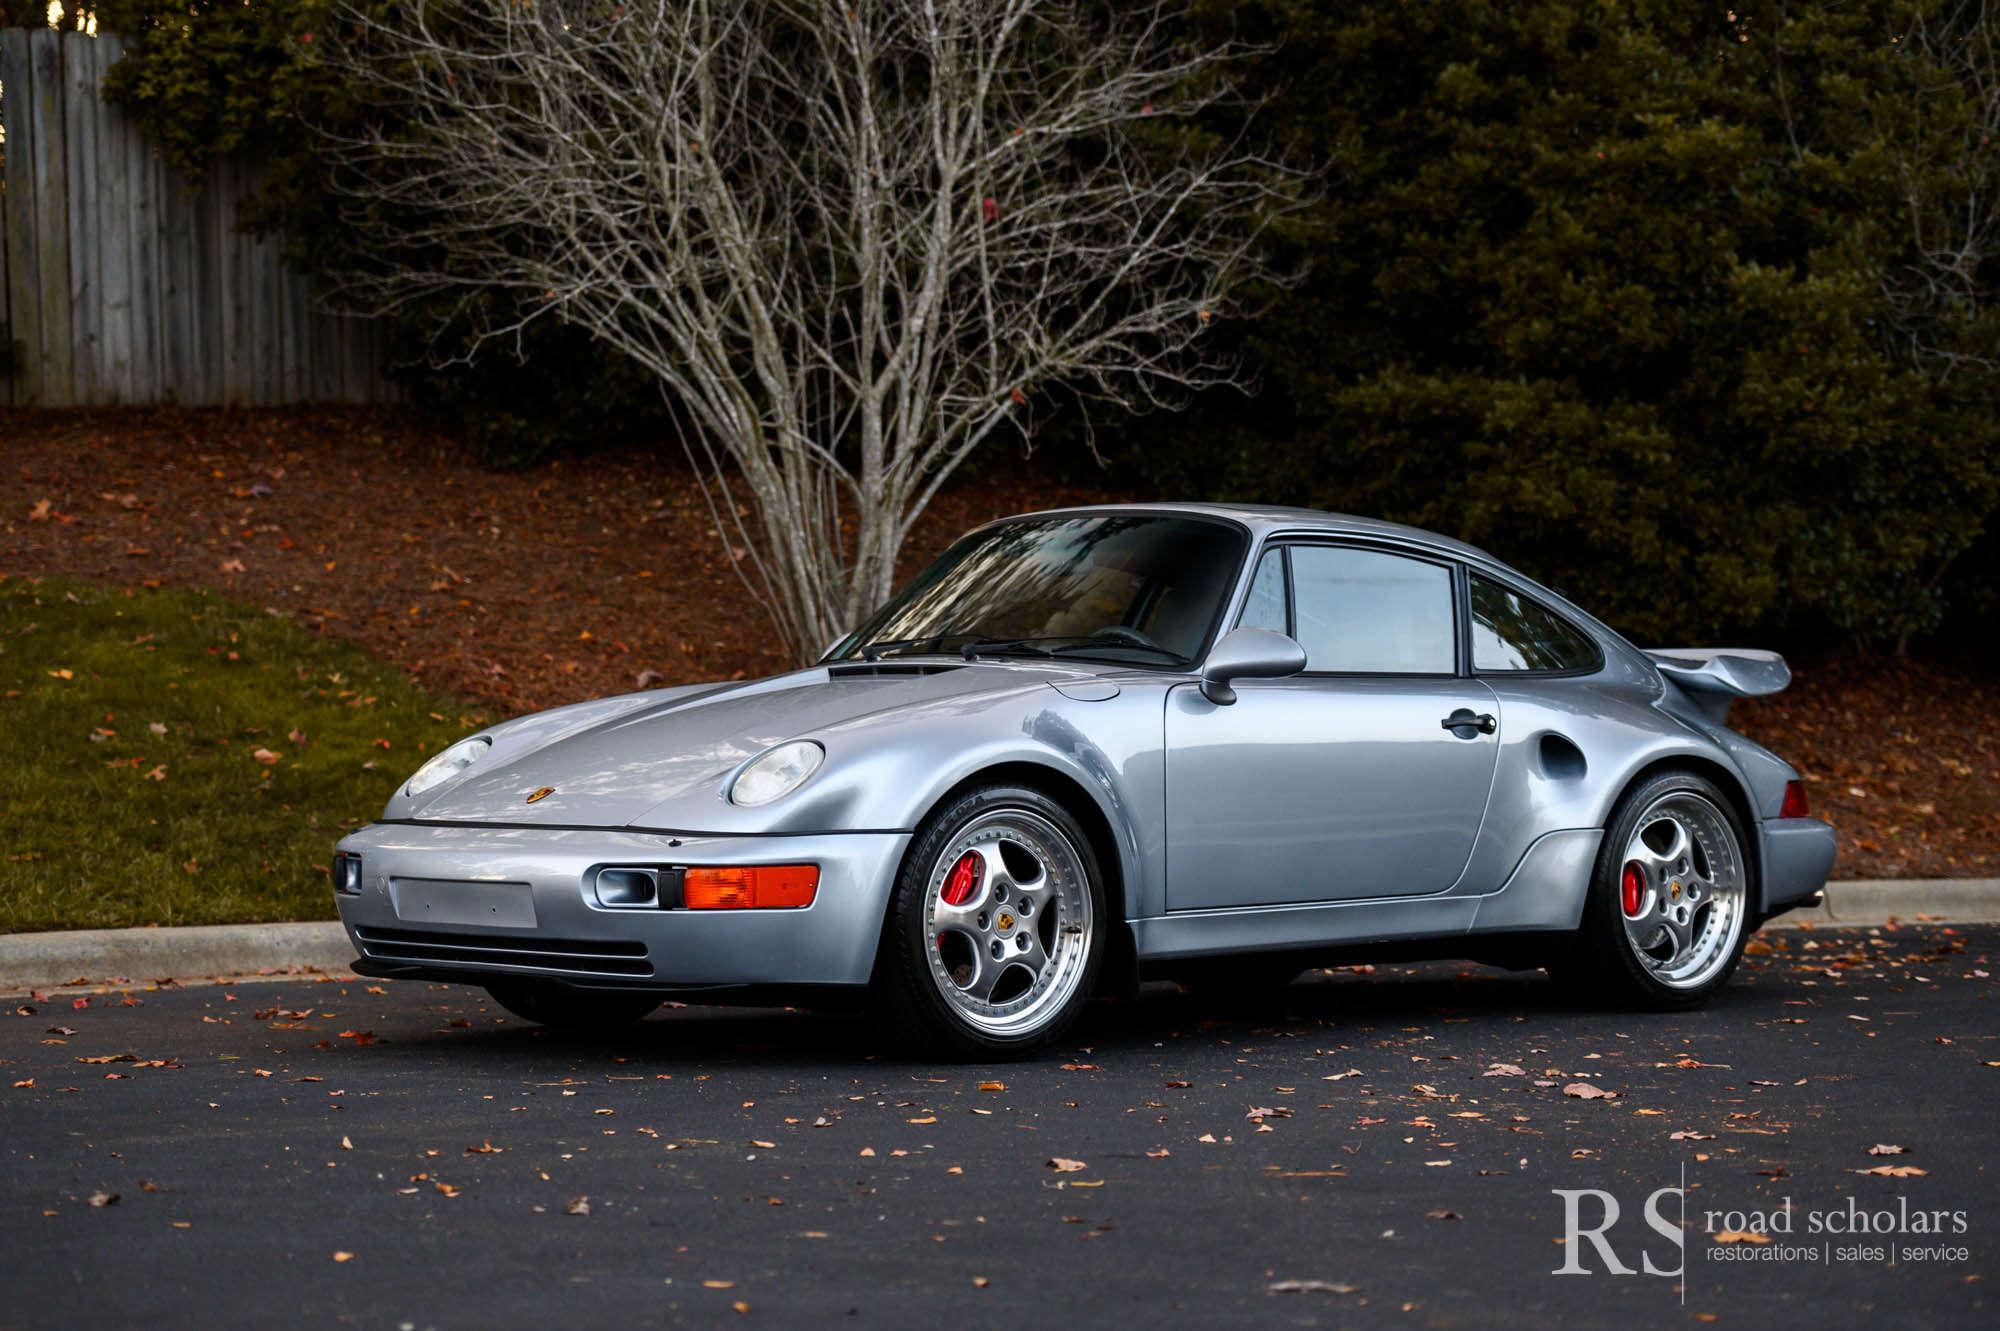 Porsche 964 Turbo S for sale